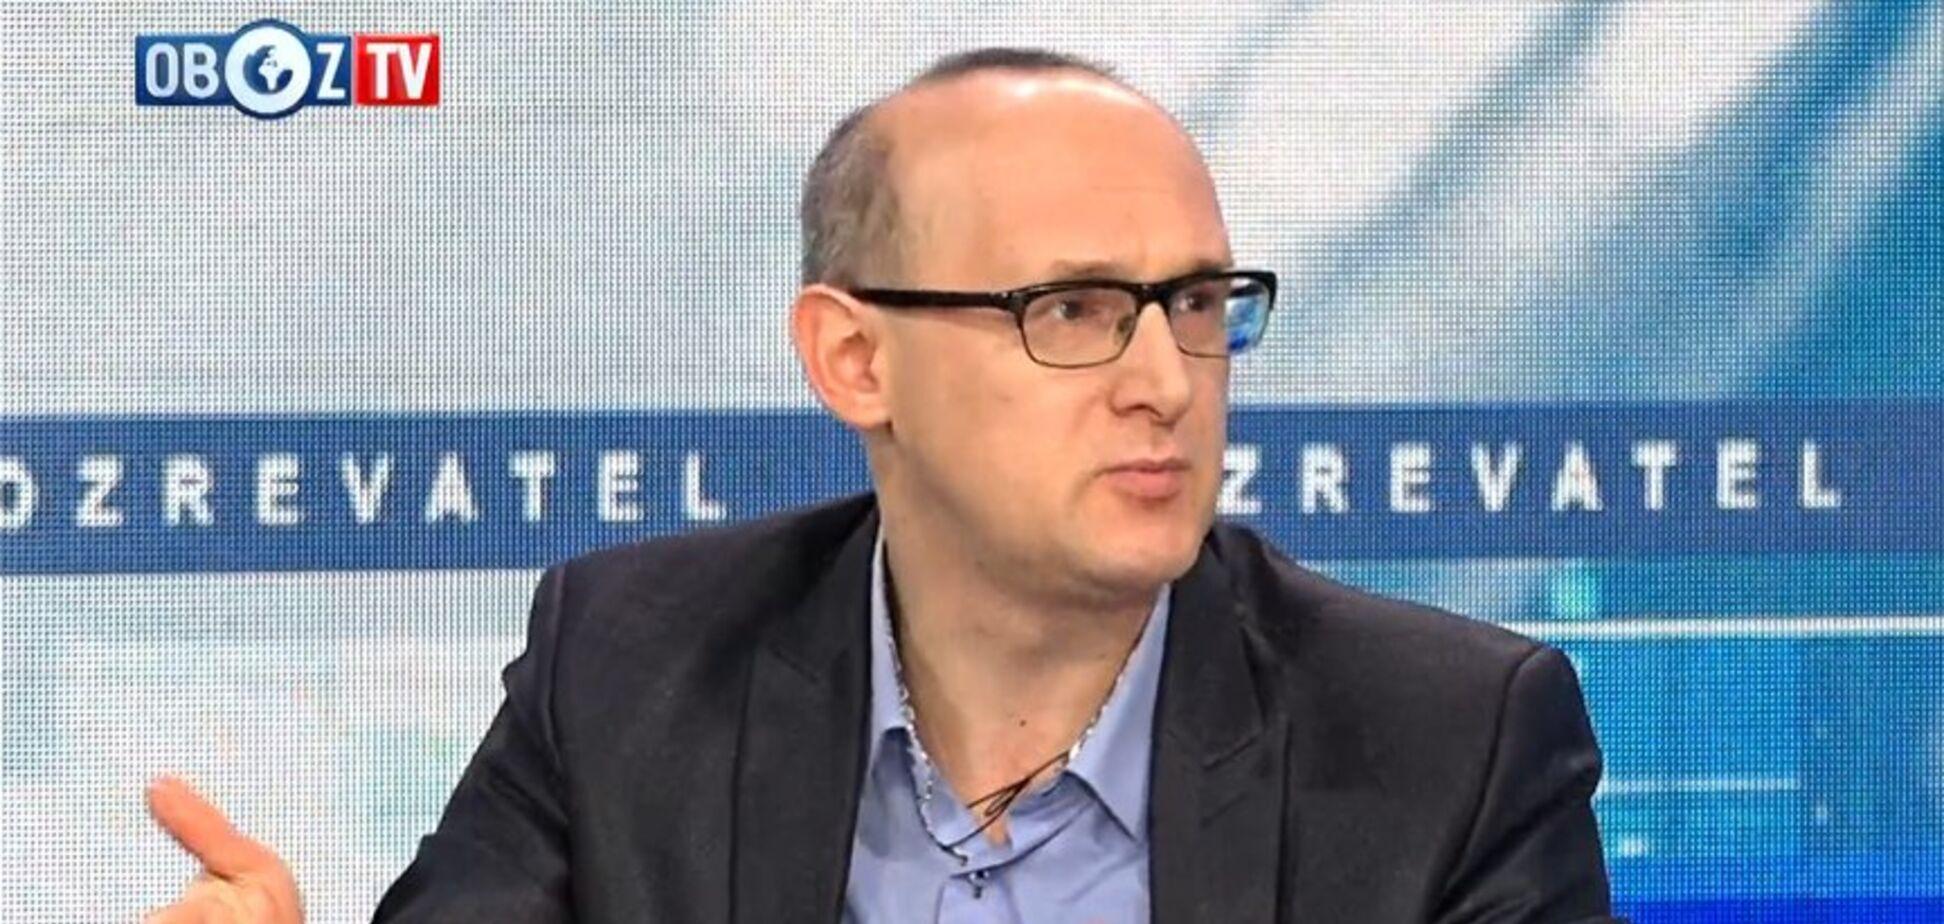 Перспективы 'Северного потока-3' и угрозы для Украины: эксперт по энергетическим вопросам